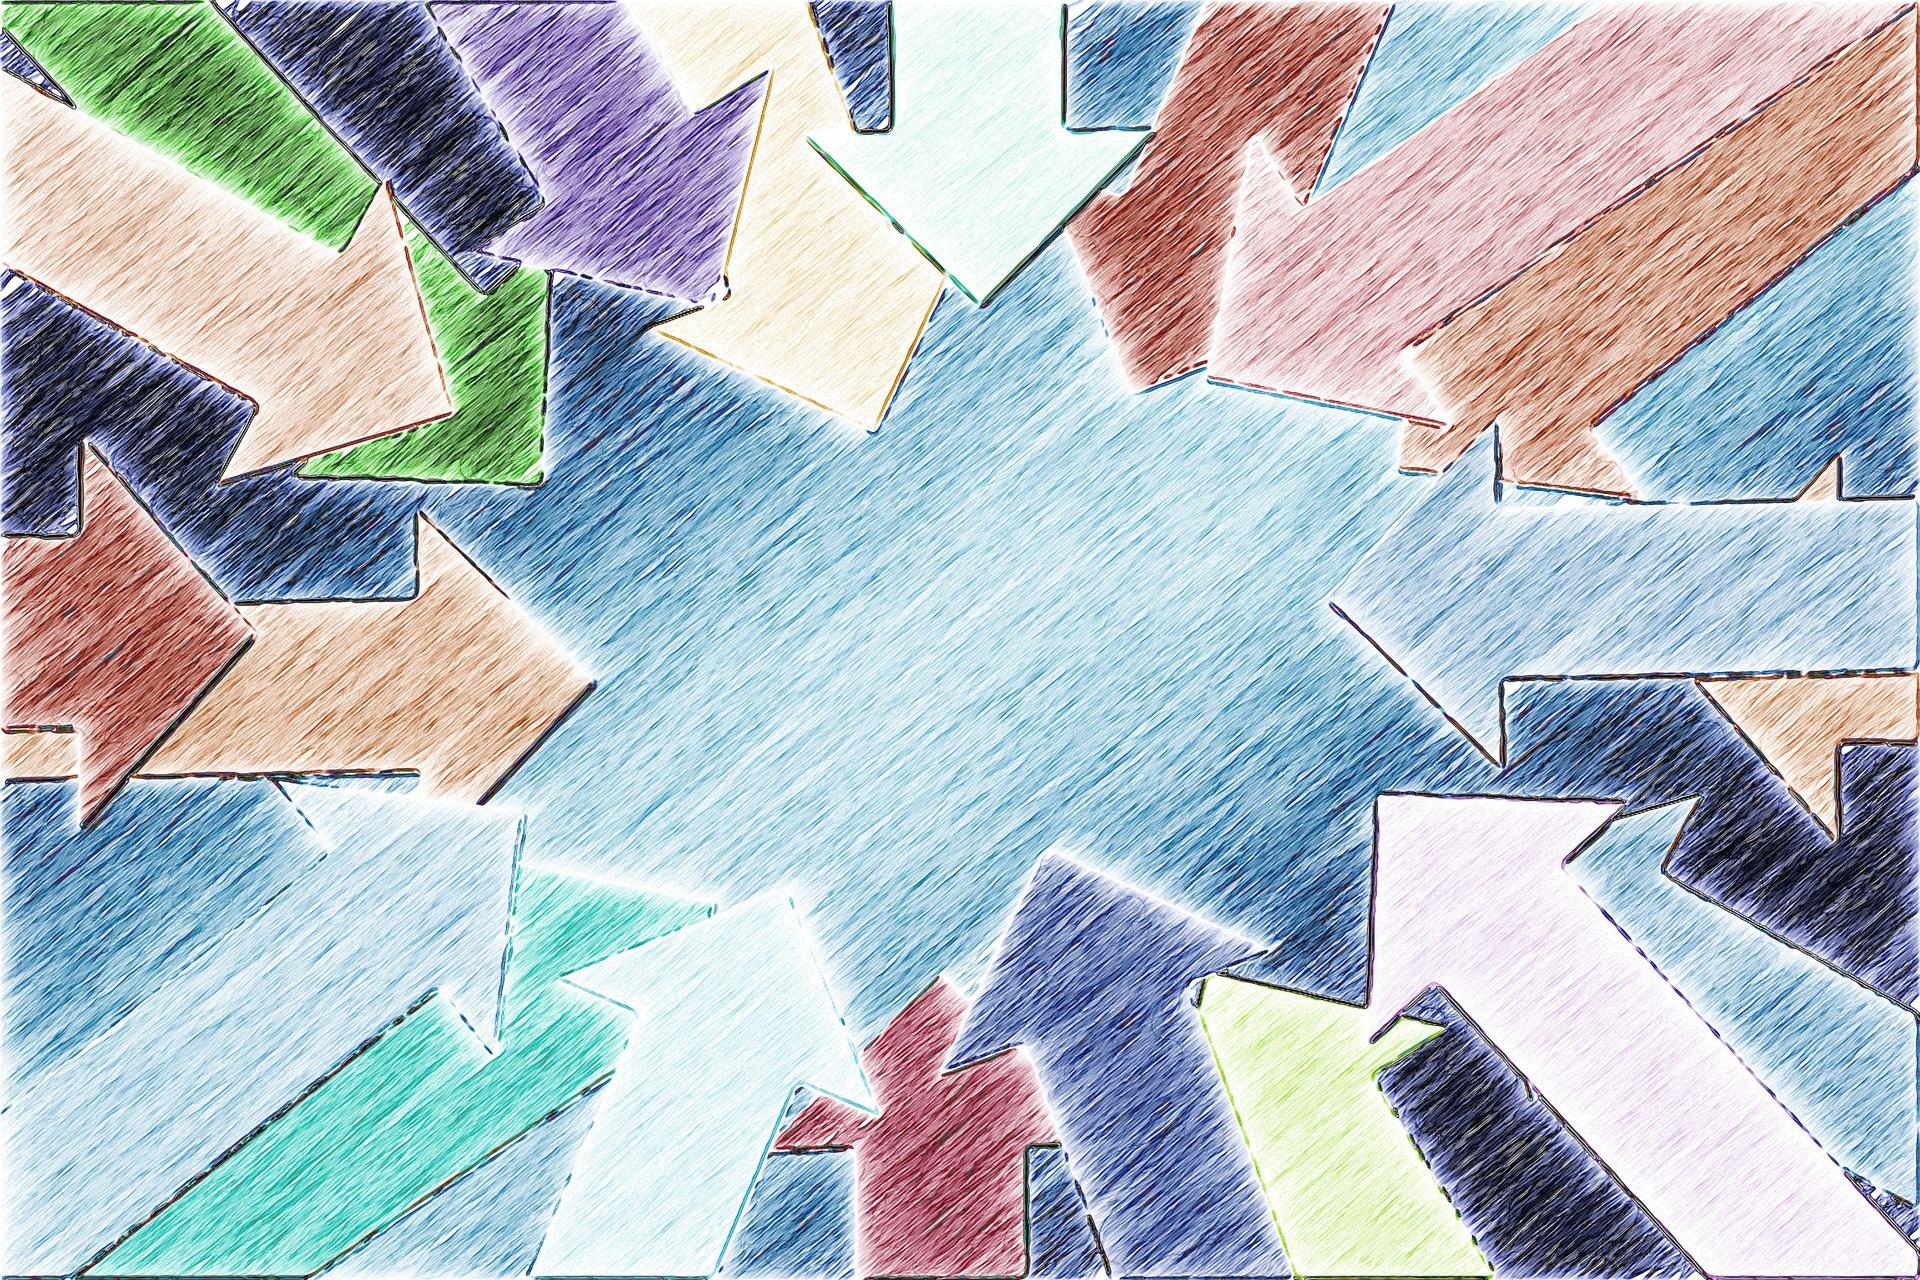 לקוח אידיאלי – מדריך אינטראקטיבי לאיפיון קהל היעד שלך